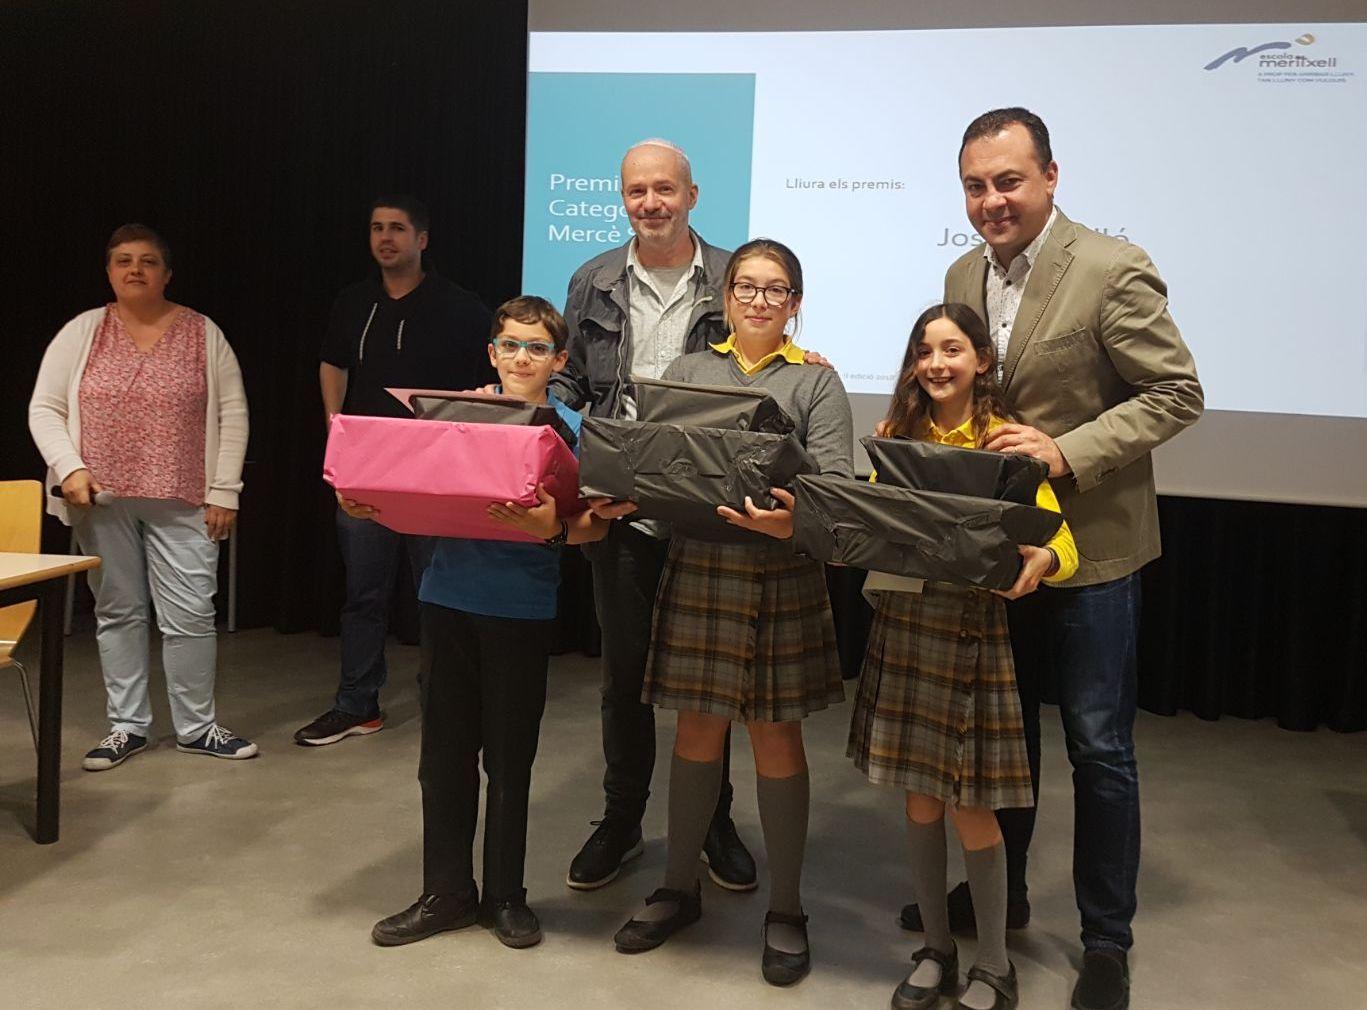 Premis ExACCT 2018 de l'Escola Meritxell de Mataró